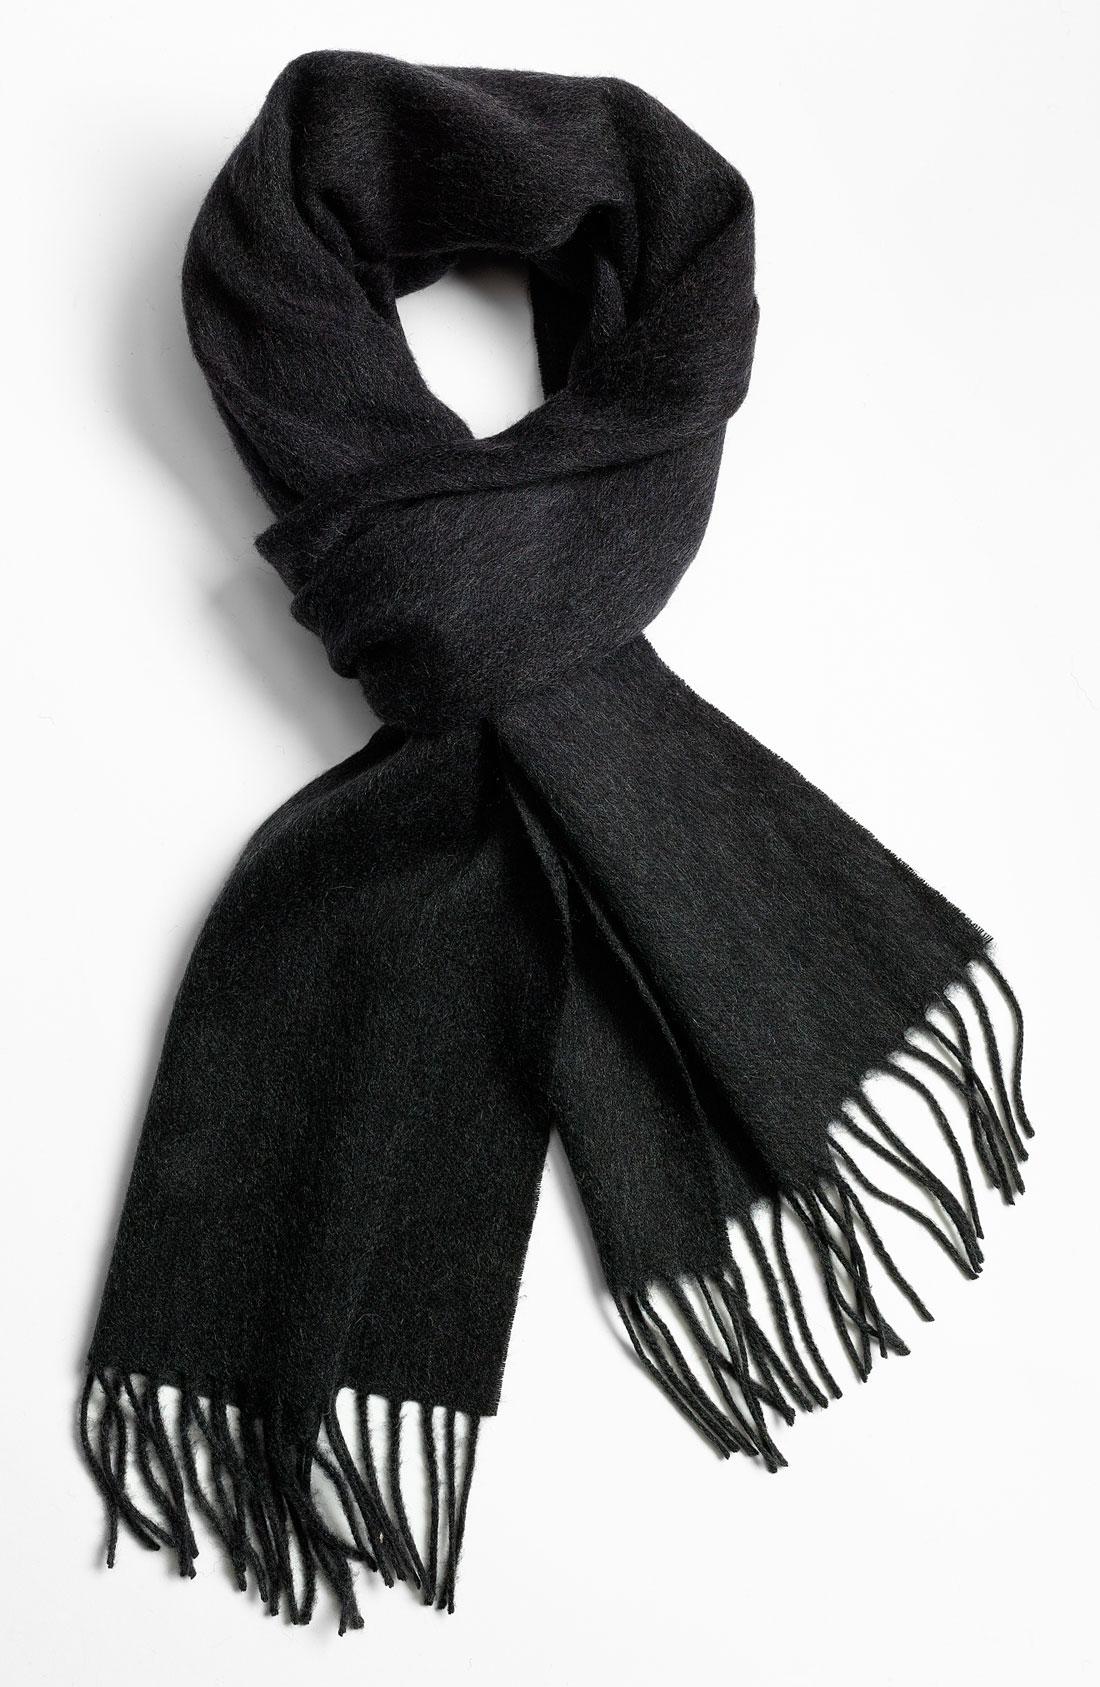 3 Styles to Wear Wool Scarves